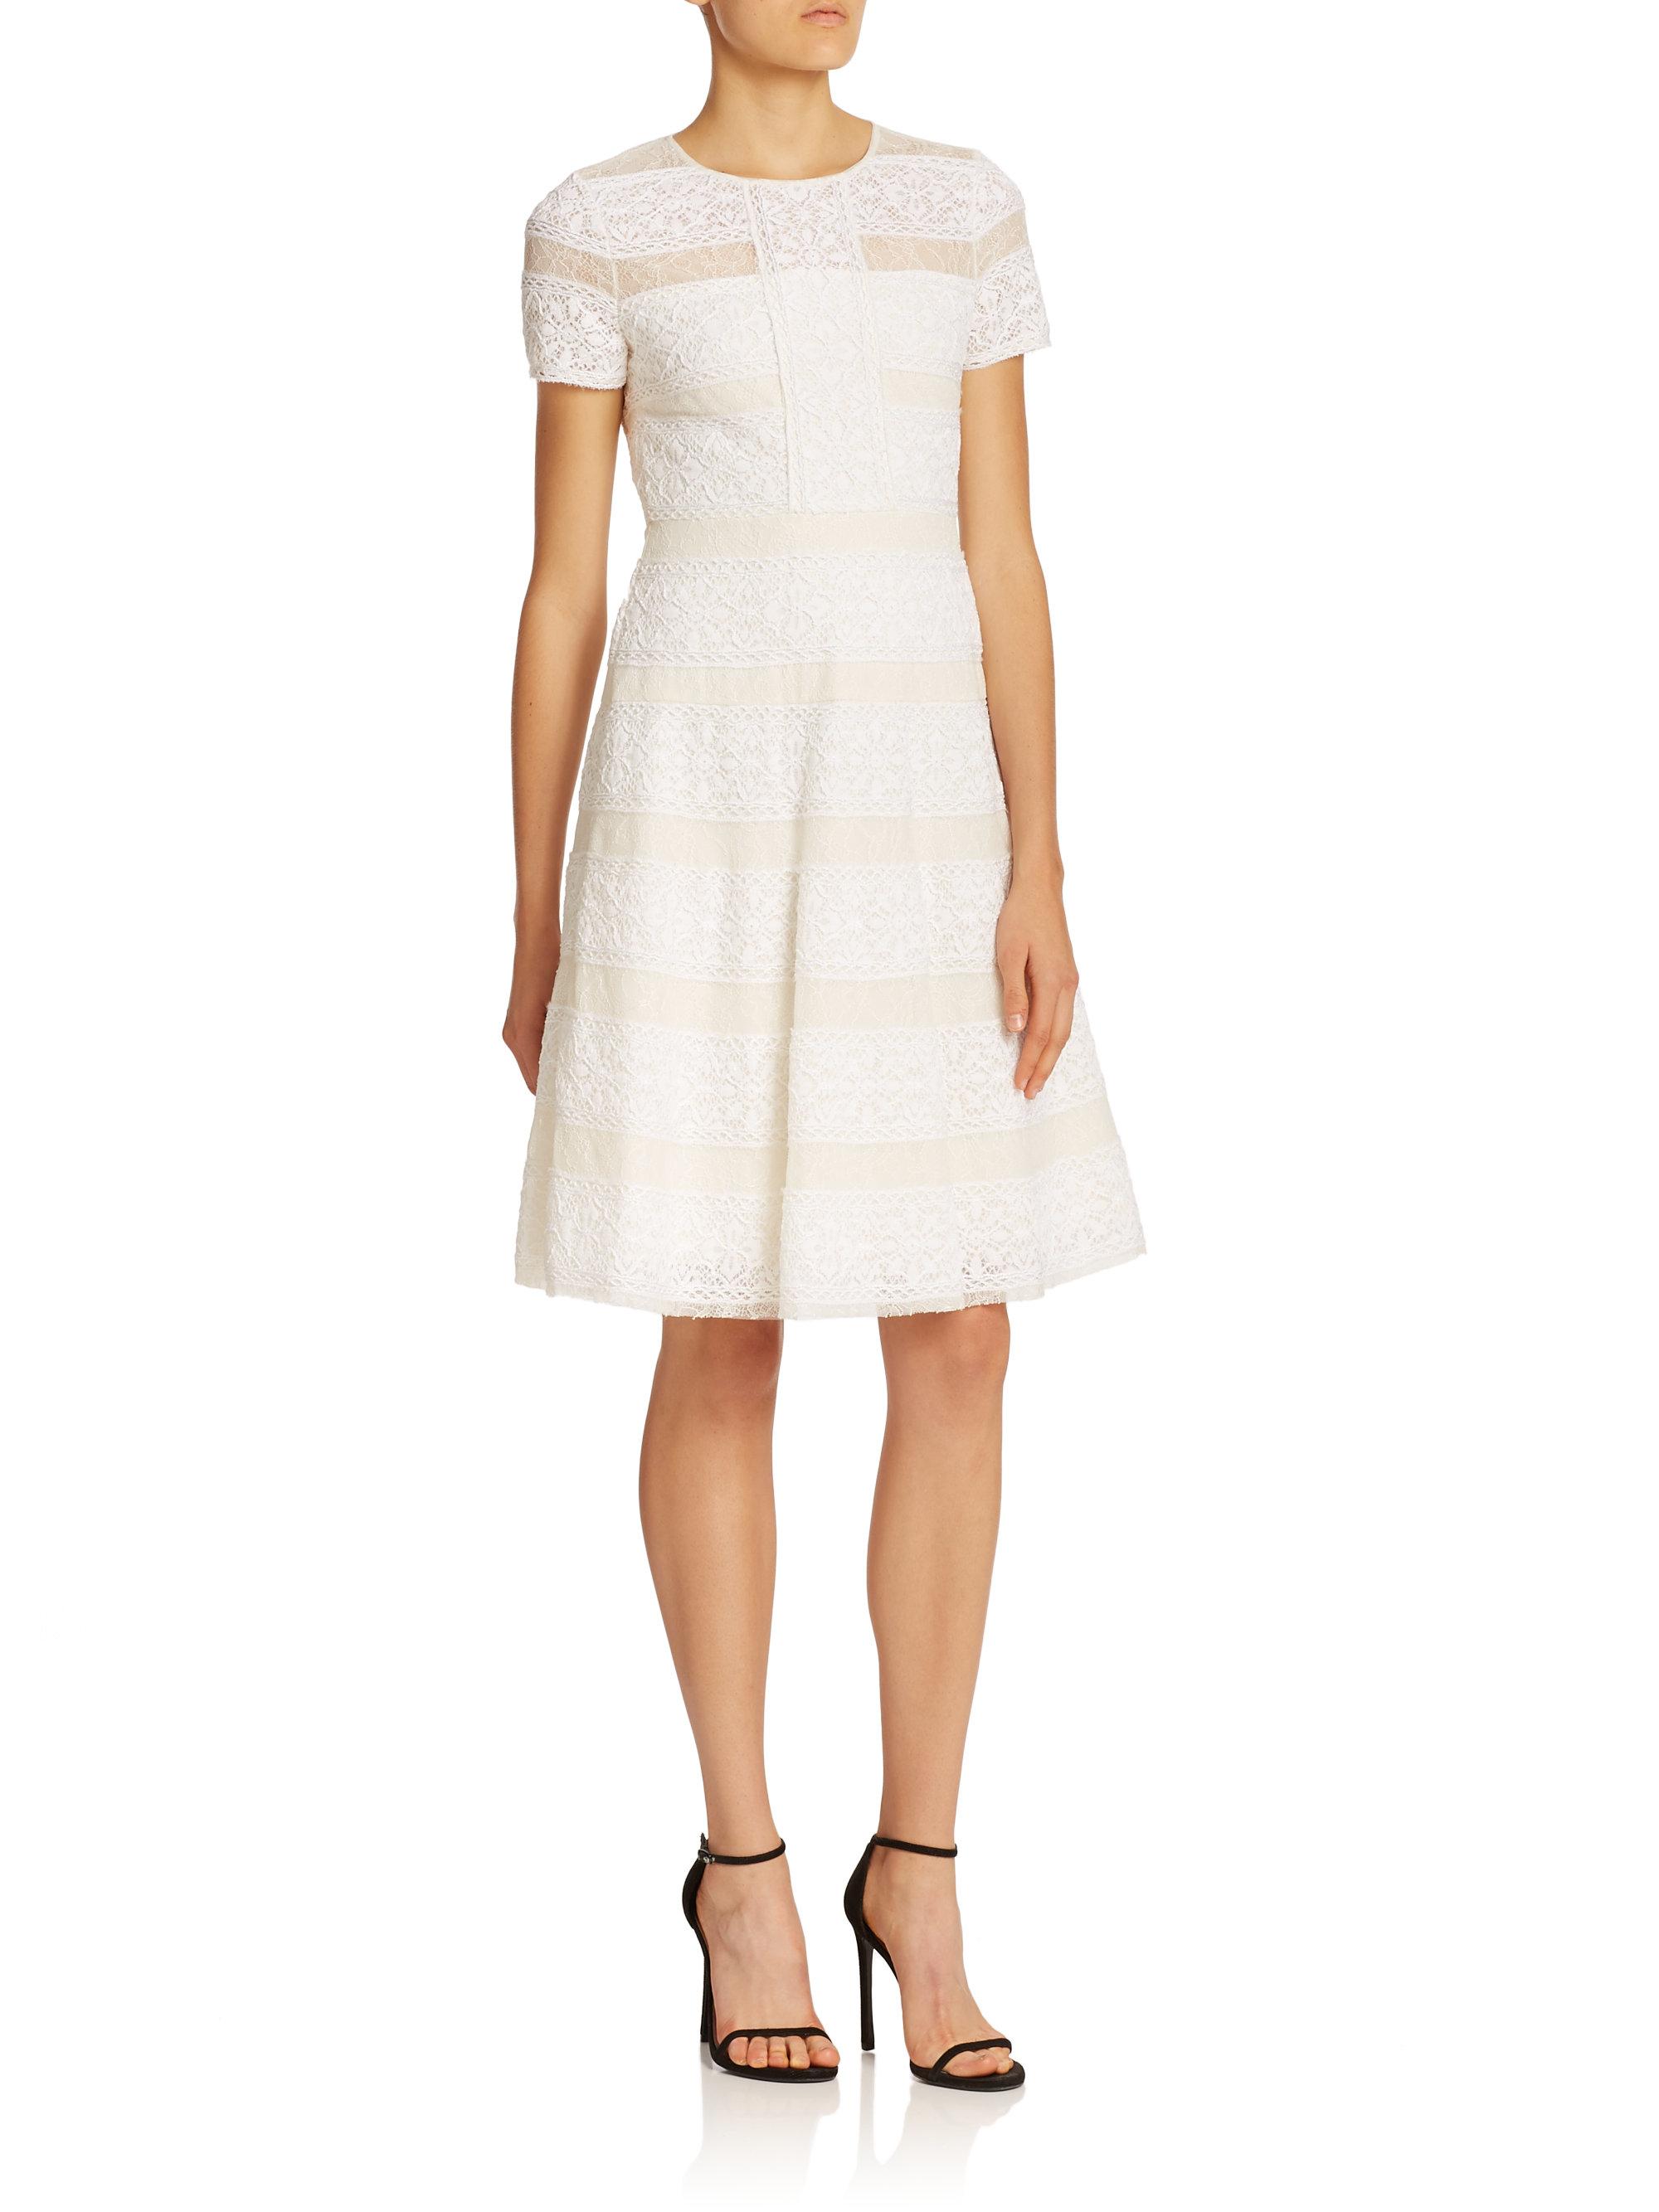 Ausgezeichnet Bcbgmaxazria Prom Kleider Galerie - Hochzeit Kleid ...